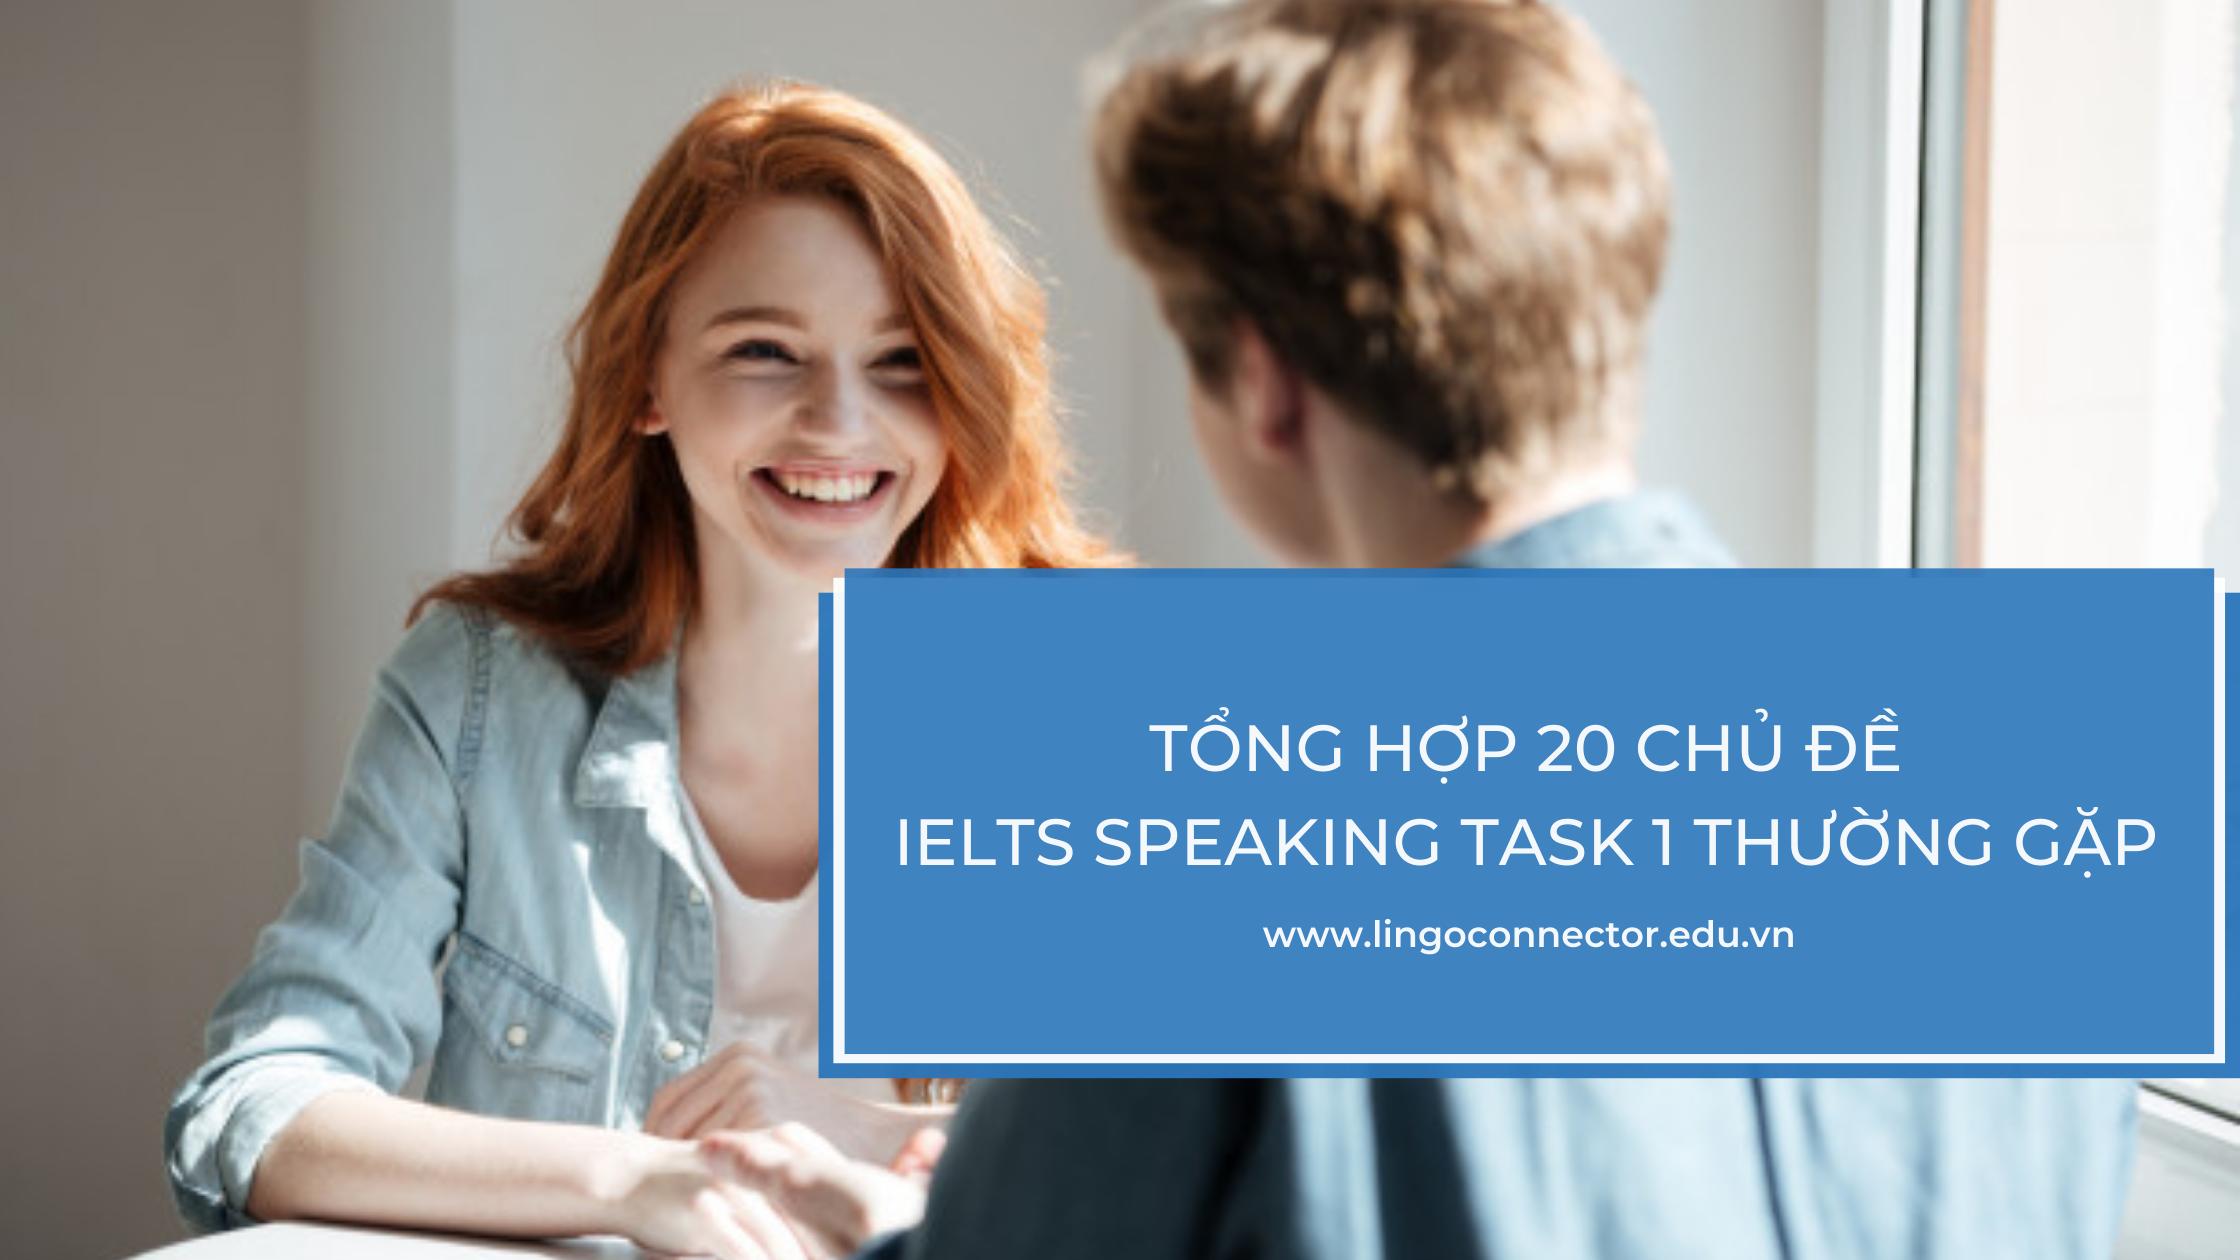 Tổng hợp 20 chủ đề IELTS Speaking Task 1 thường gặp và mẫu câu trả lời